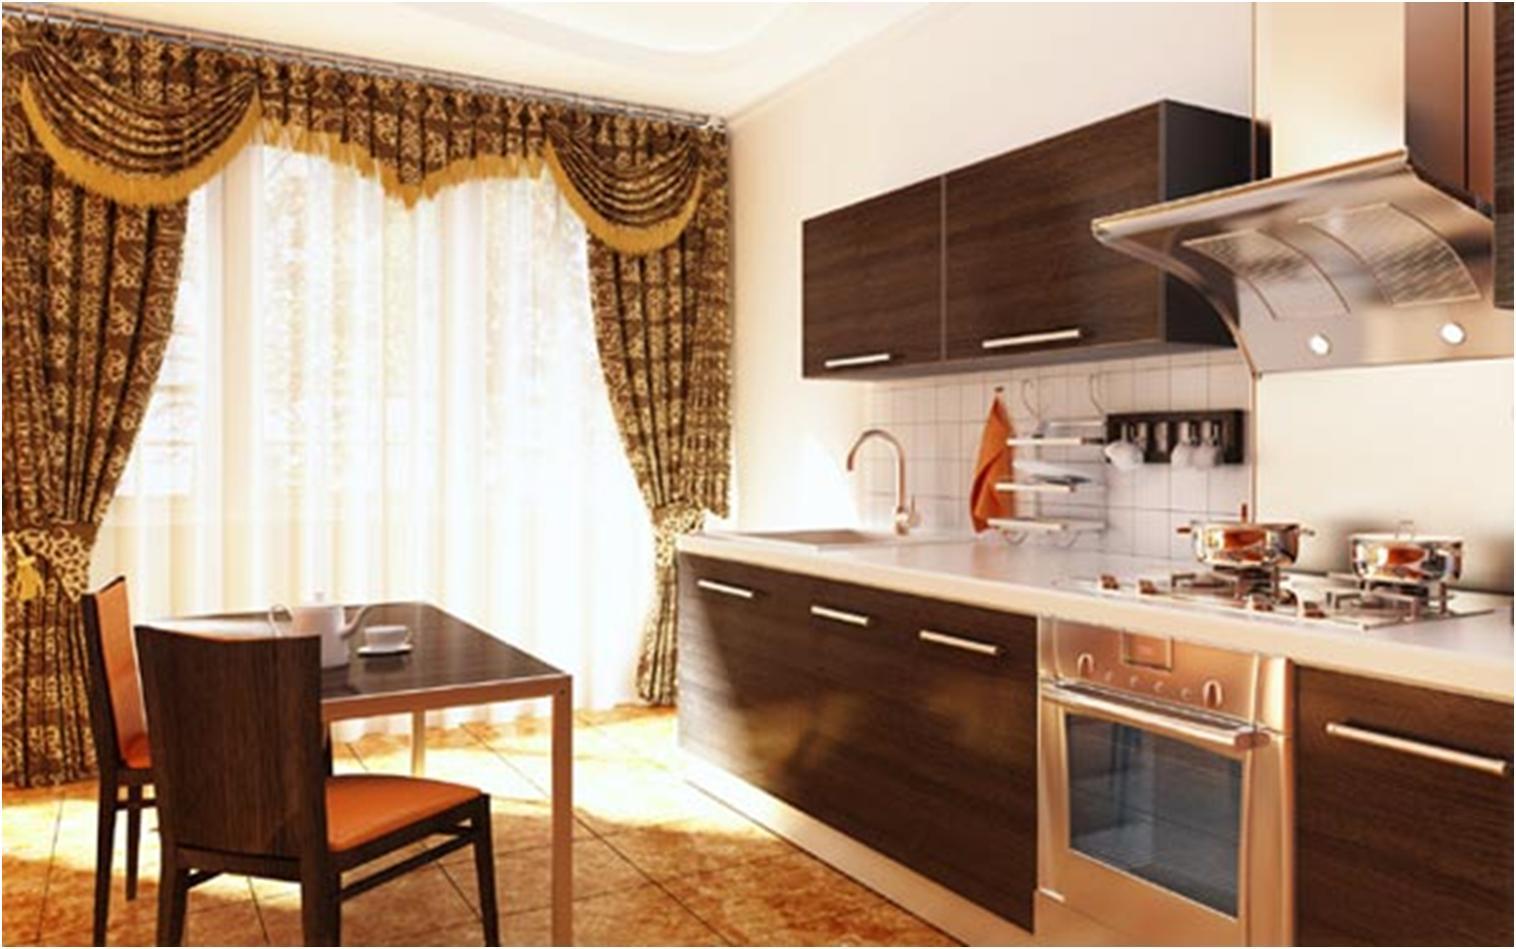 Шторы на кухню с балконной дверью — как сделать правильный выбор?